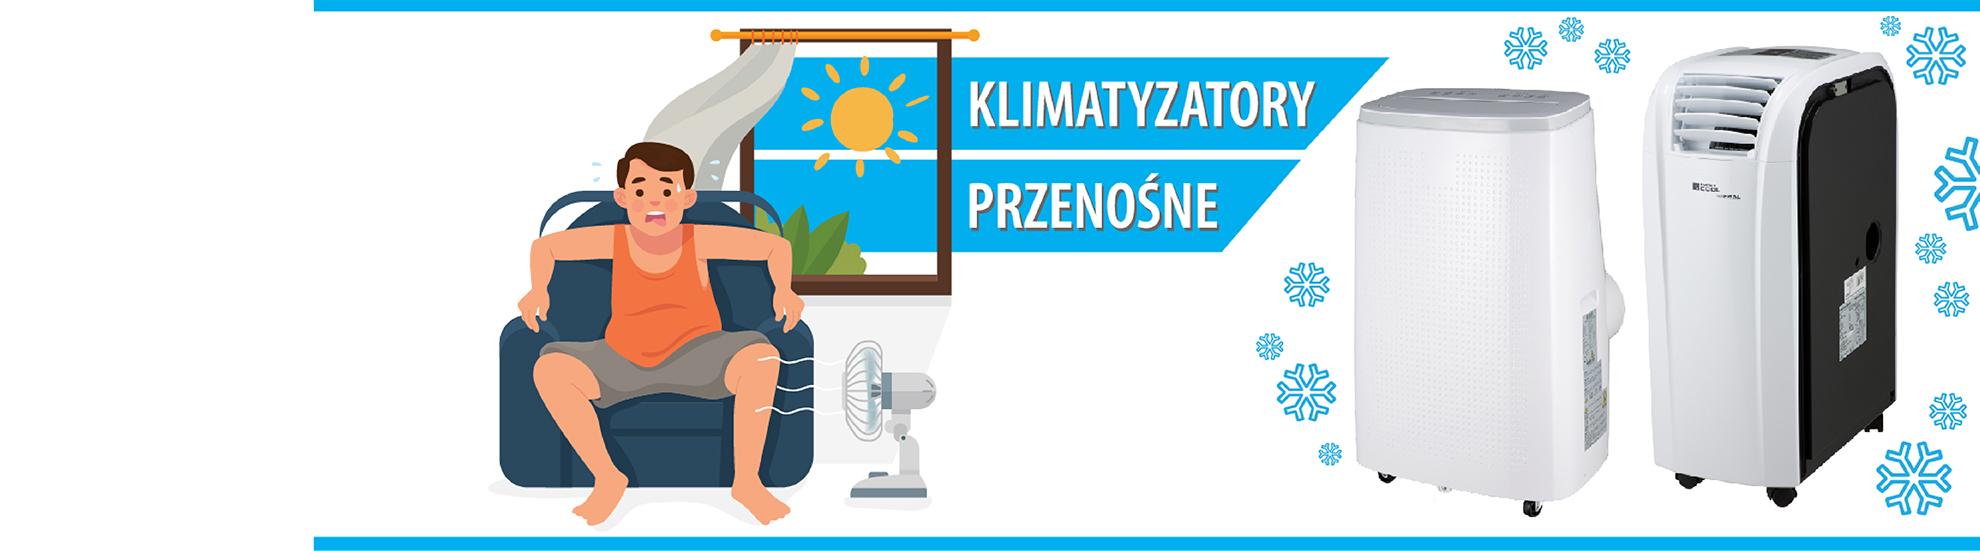 Klimatyzatory przenośne